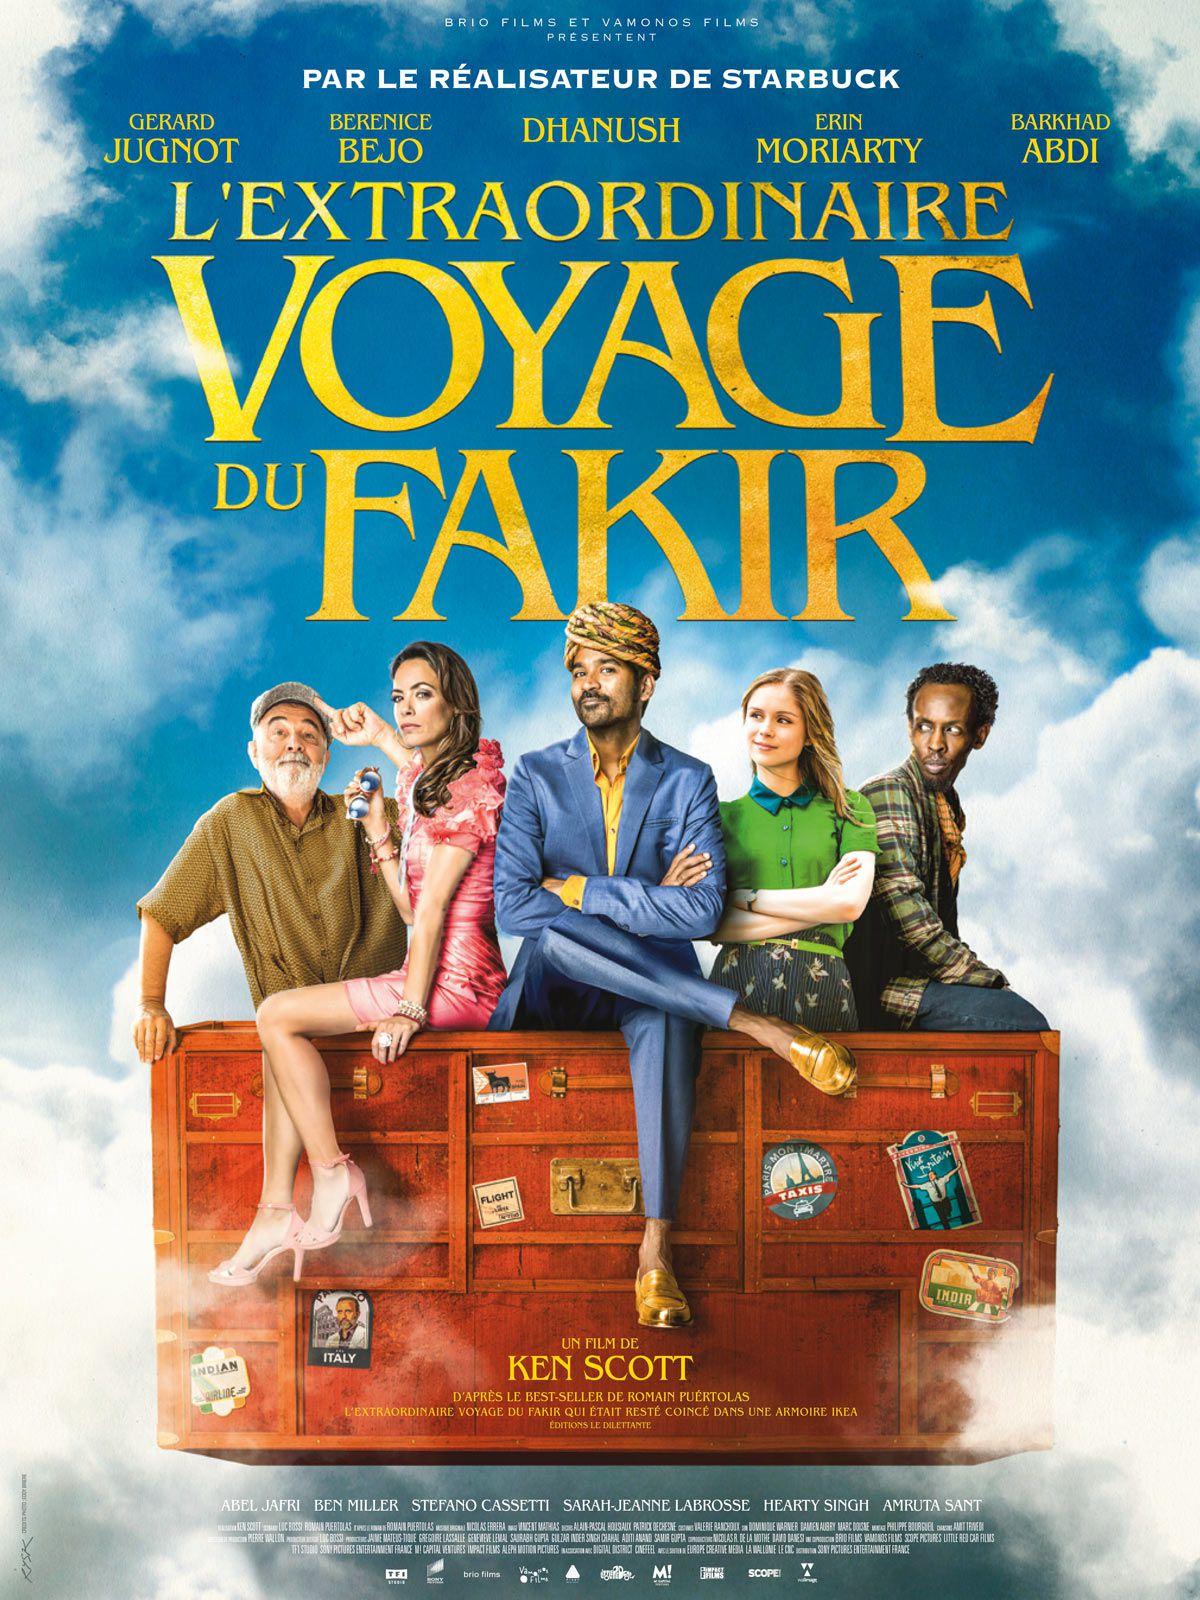 L'Extraordinaire Voyage du Fakir - Film (2018)